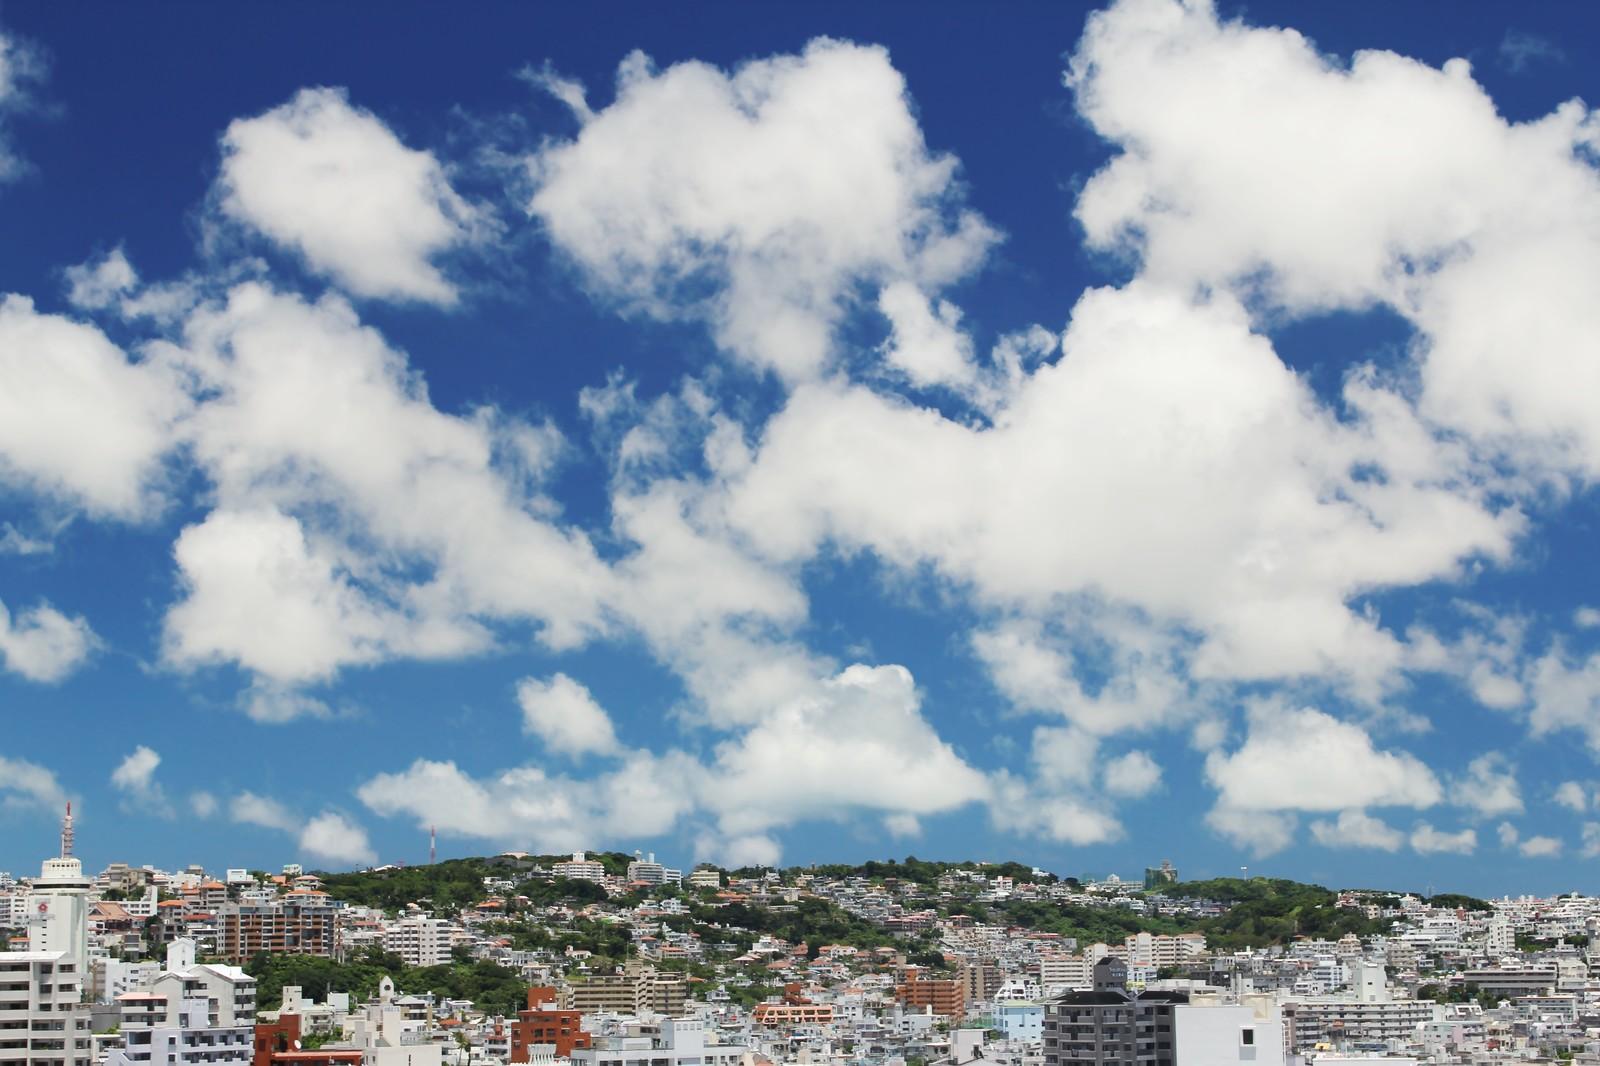 青空と雲の下にある町